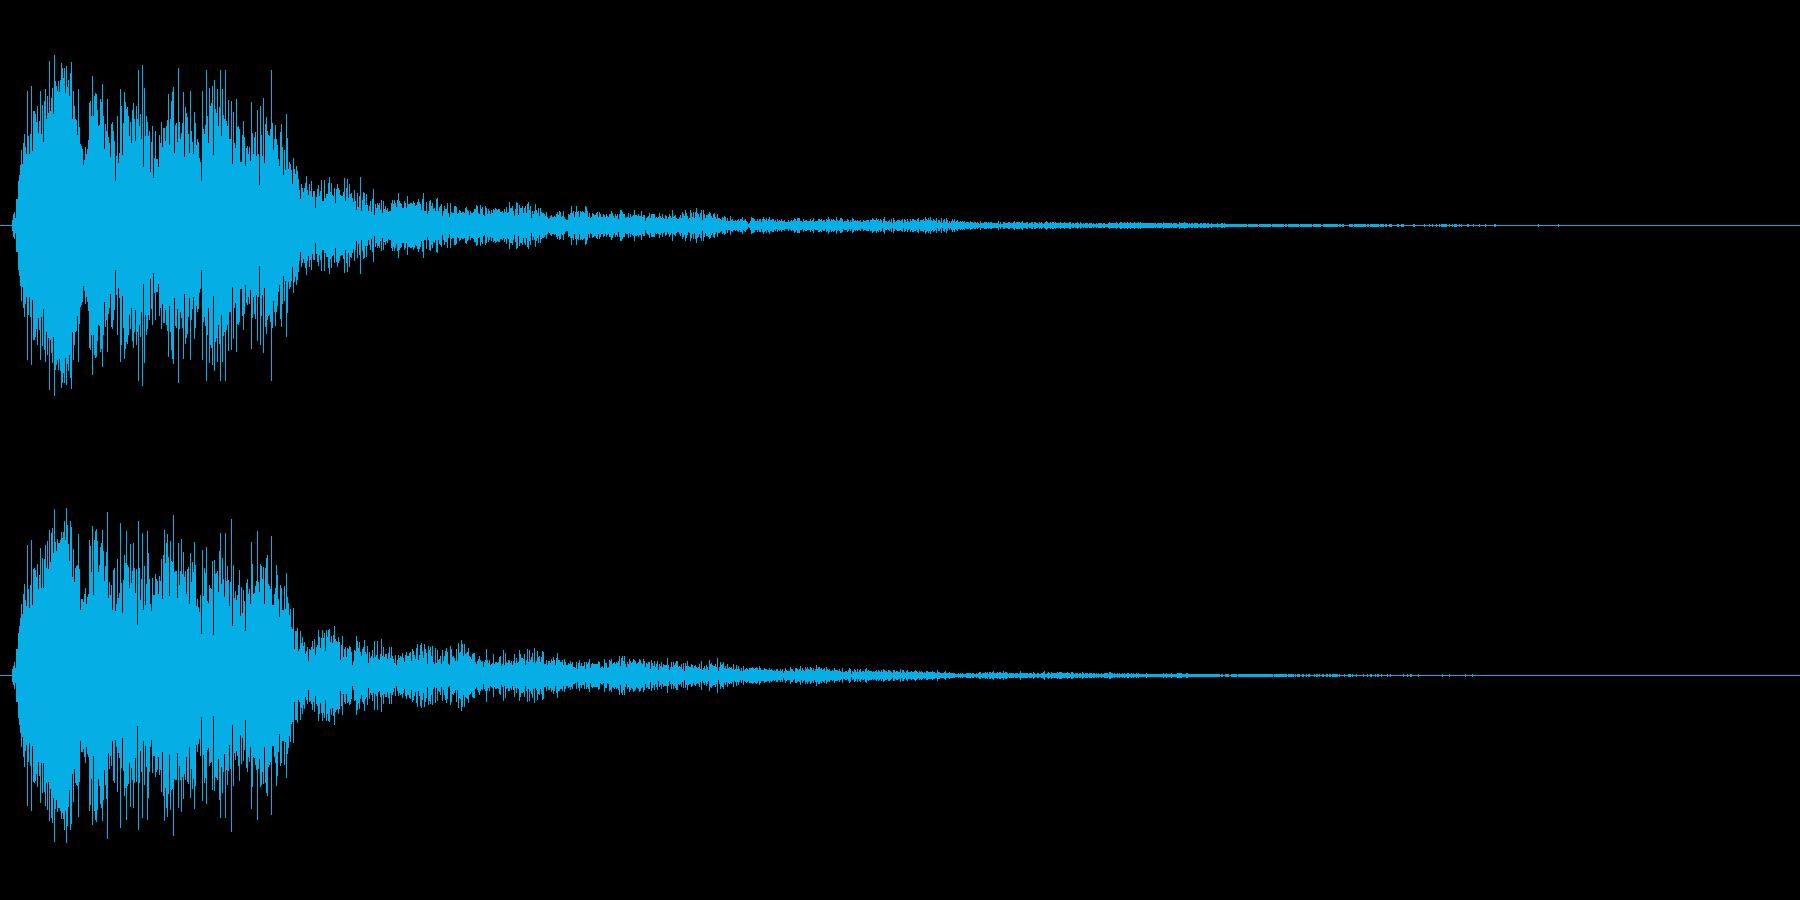 ピユーン!(スピード感のある効果音)の再生済みの波形